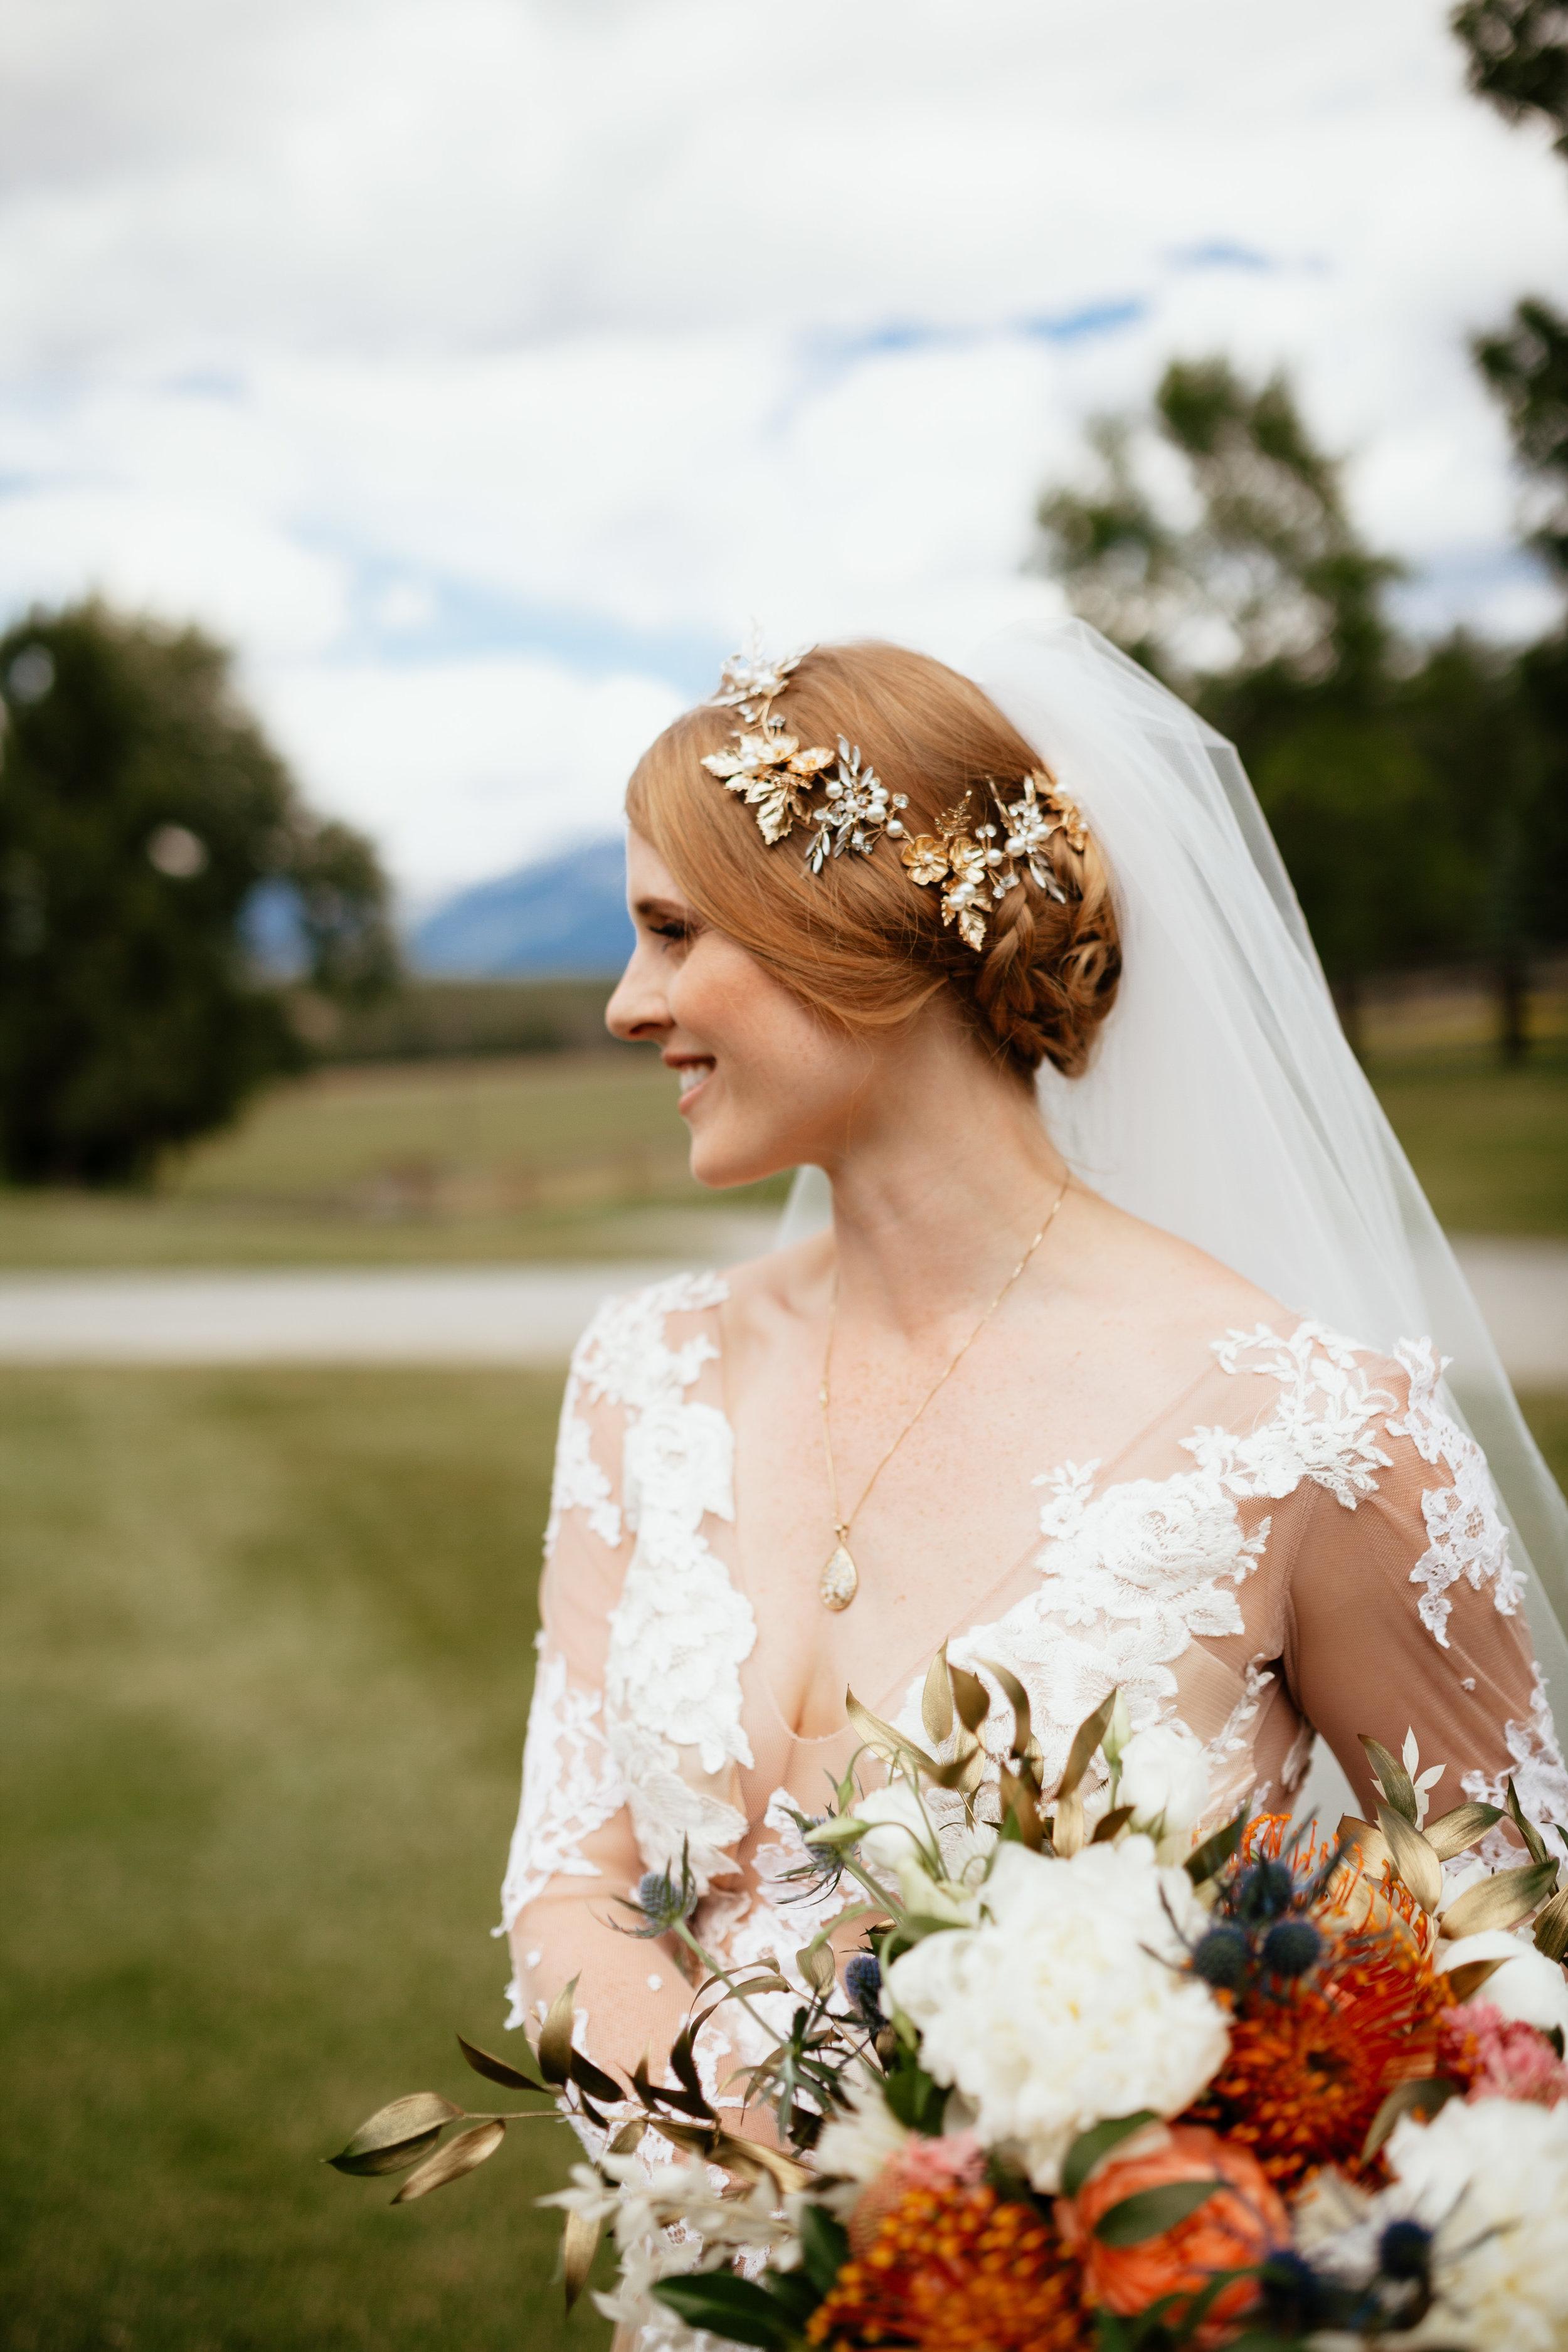 Dave + Amanda 4 - Bridal Portraits-101.jpg